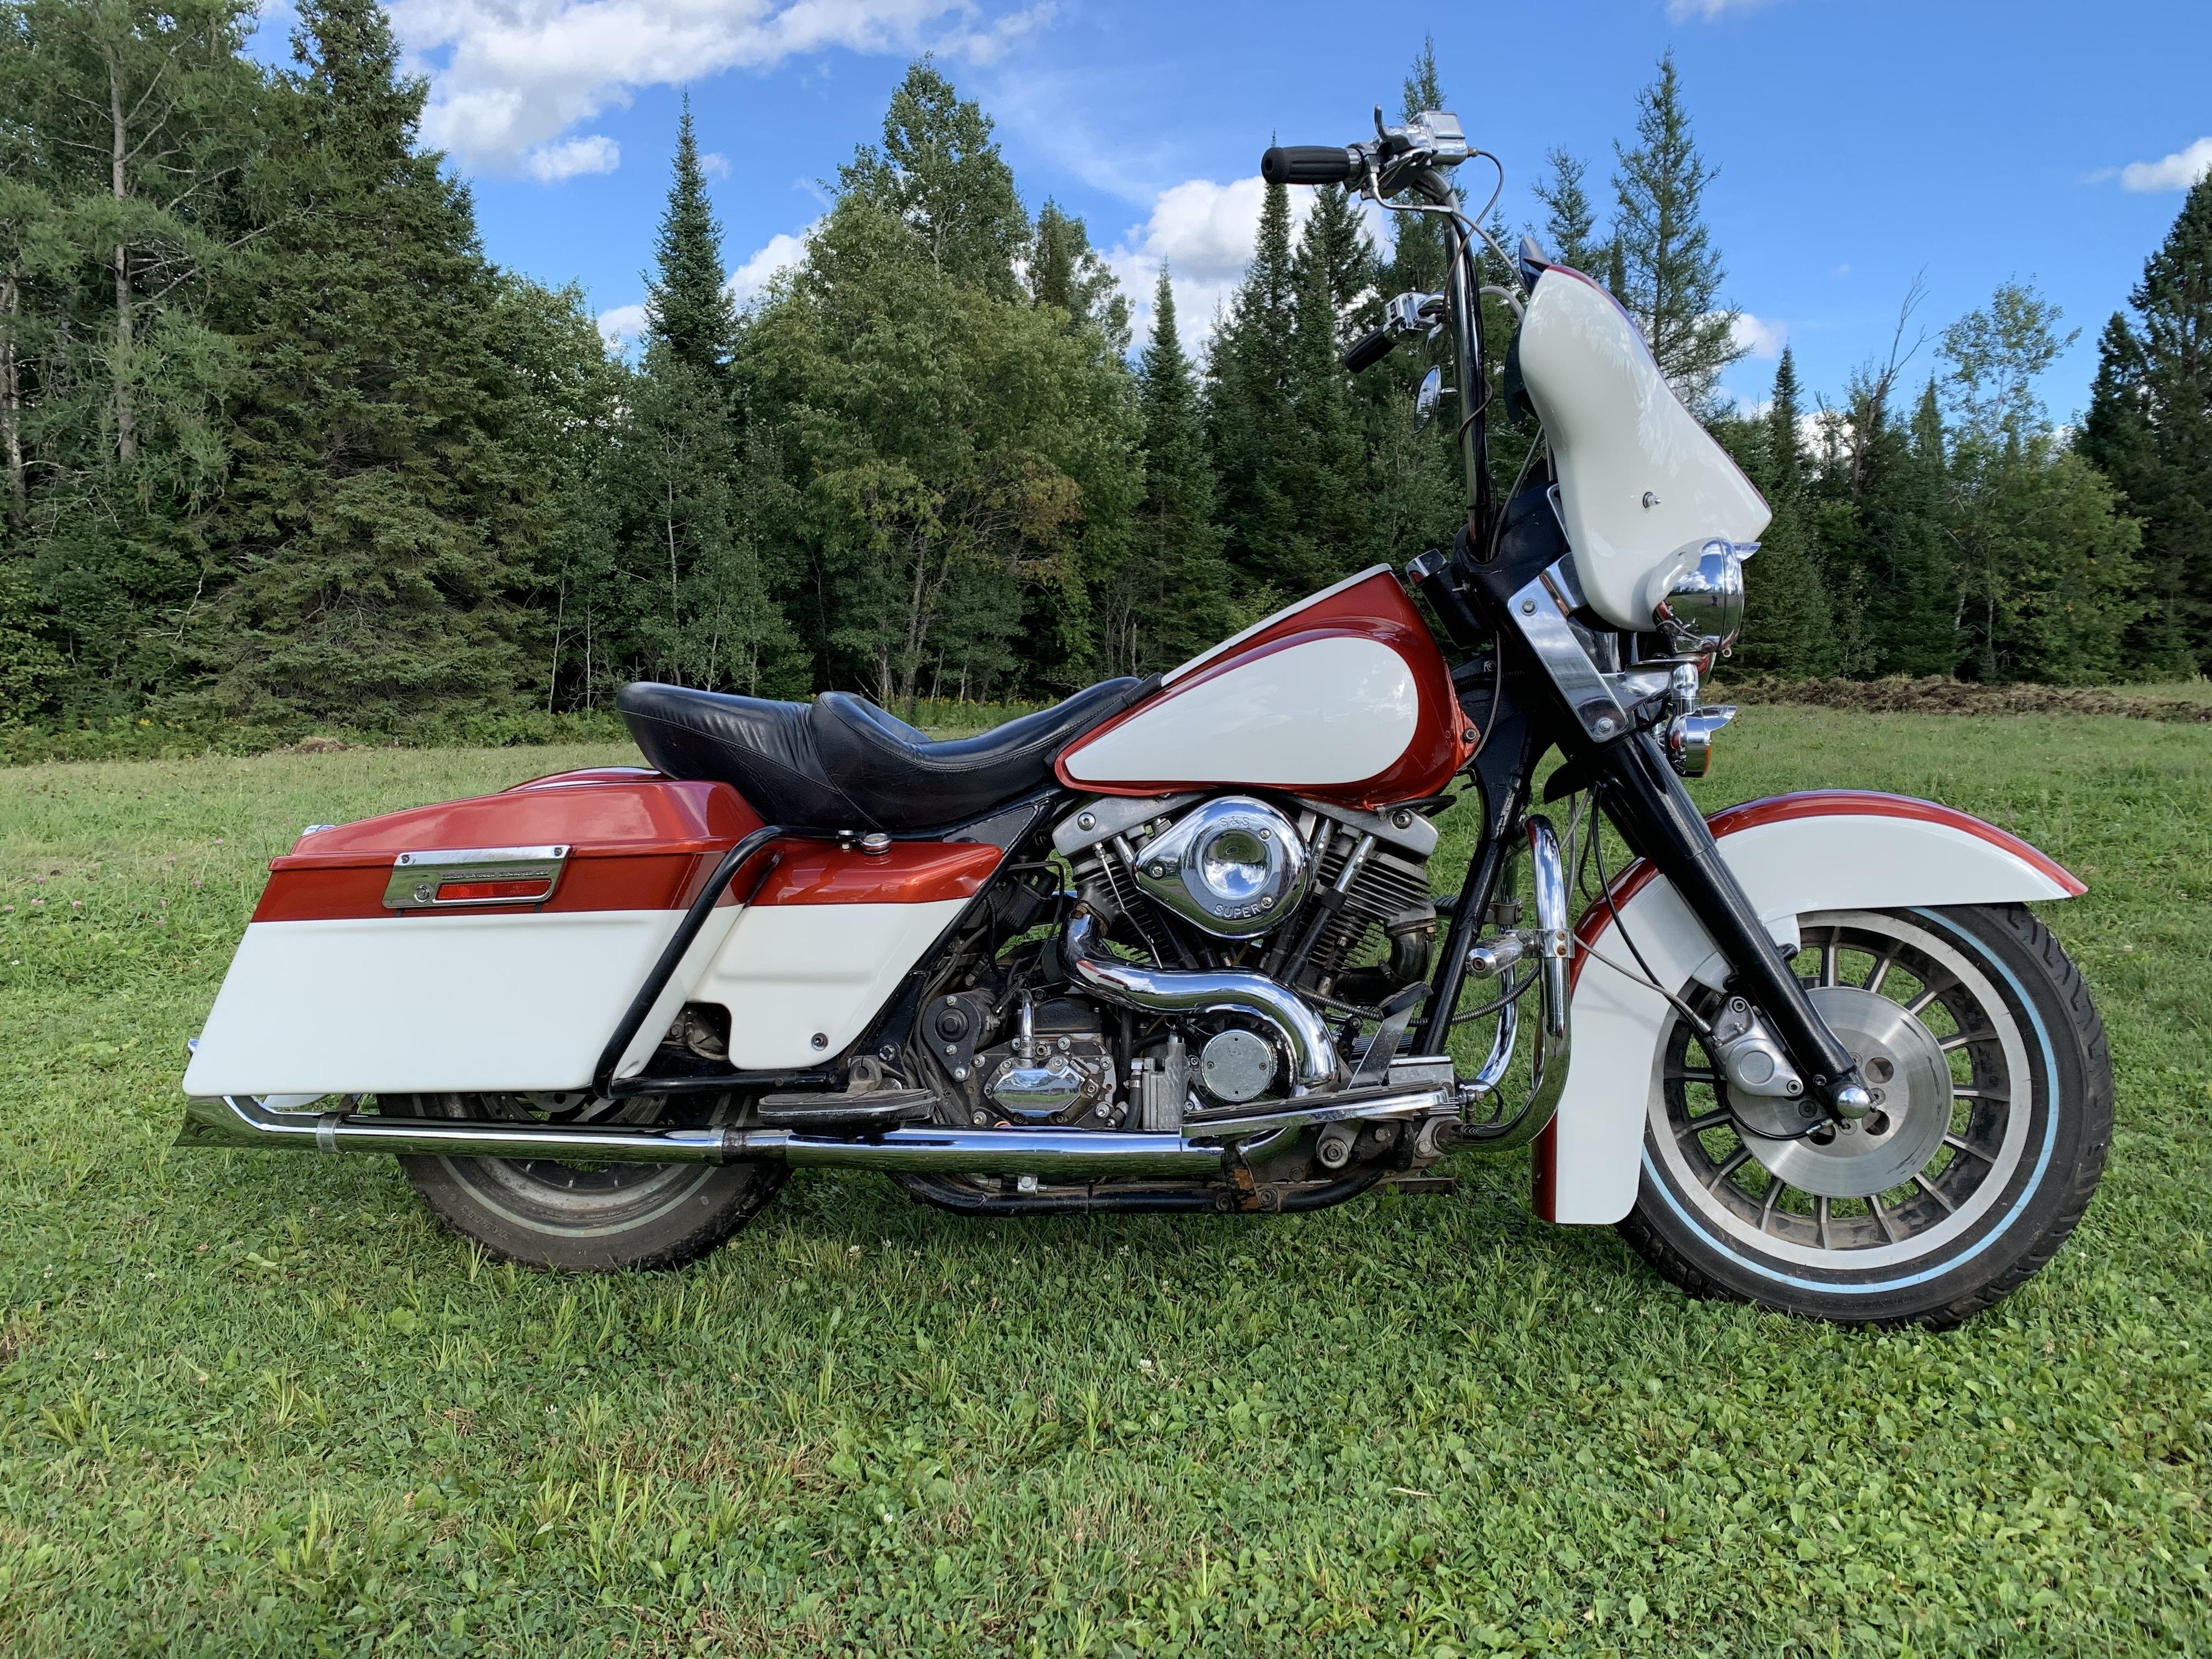 Photo 1980 Harley-Davidson TOUR GLIDE $6500164.45164.45